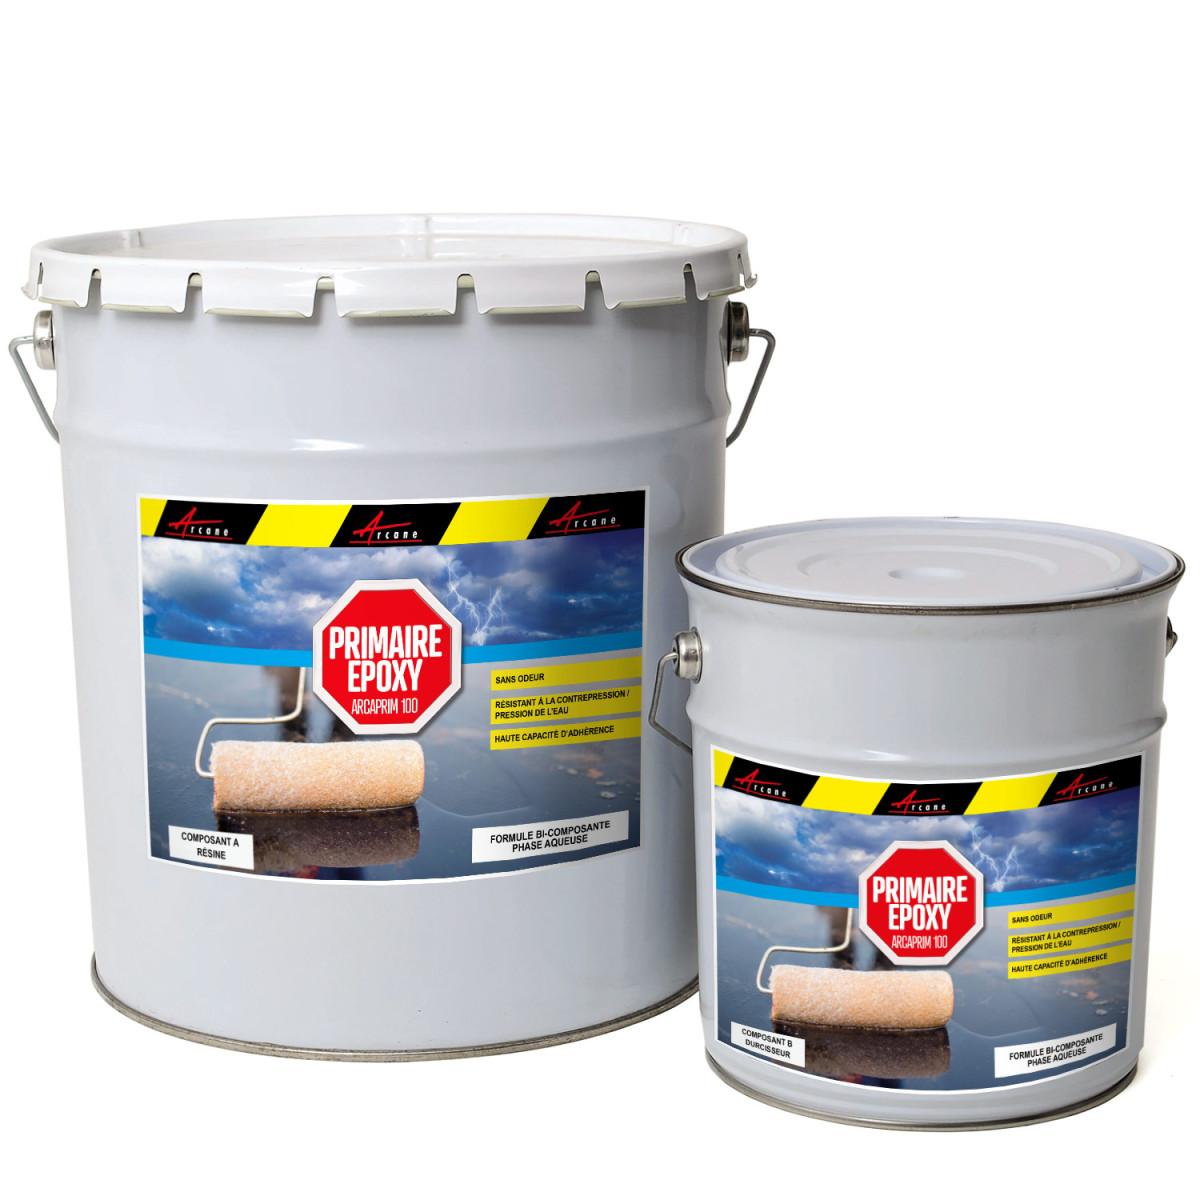 Primaire époxy pour piscine coque polyester et carrelage - ARCAPRIMER 100